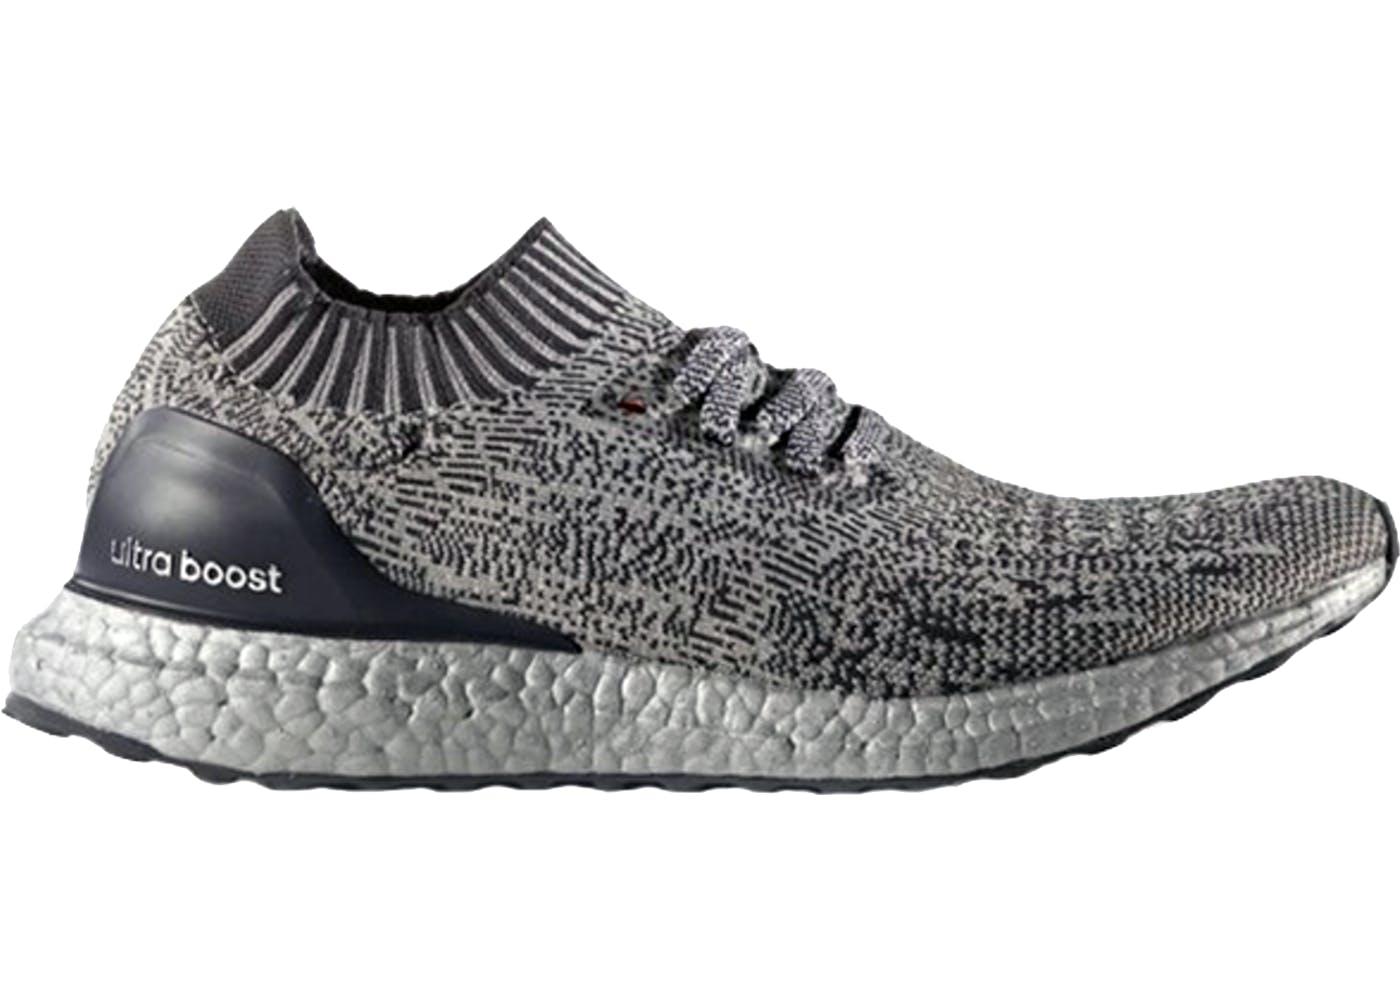 adidas ultra boost metallic silver